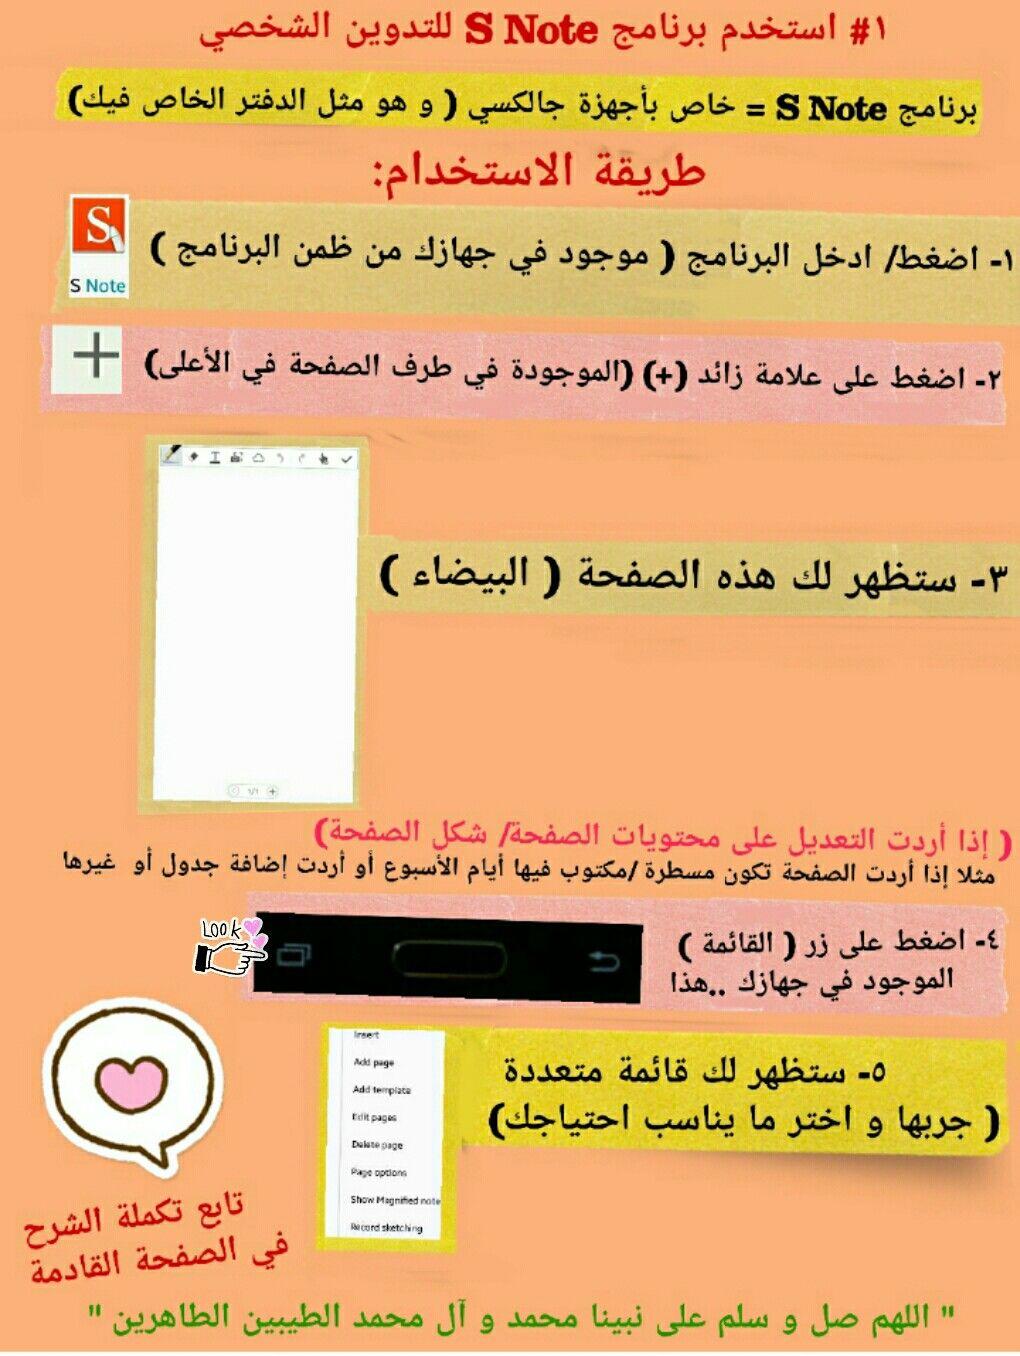 ١ استخدم برنامج S Note Note Snote دفتر كتابة تدوين دفترك الخاص خاص جالكسي أندرويد شخصي الشخصي Notes Abs